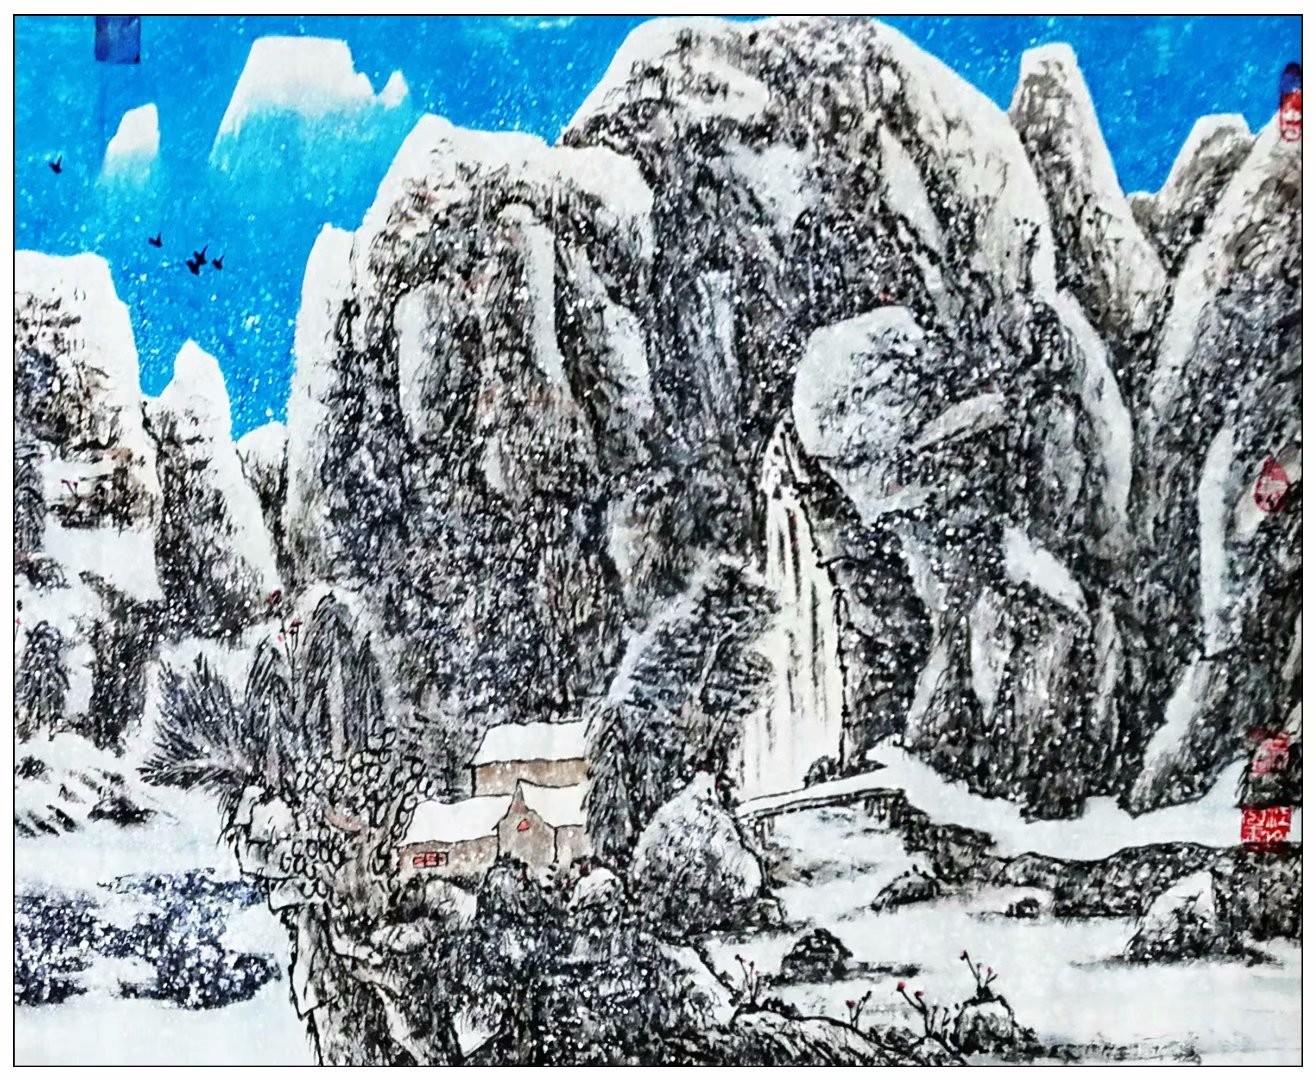 牛志高山水画-----为建党100周年献礼---2021.06.19_图1-3